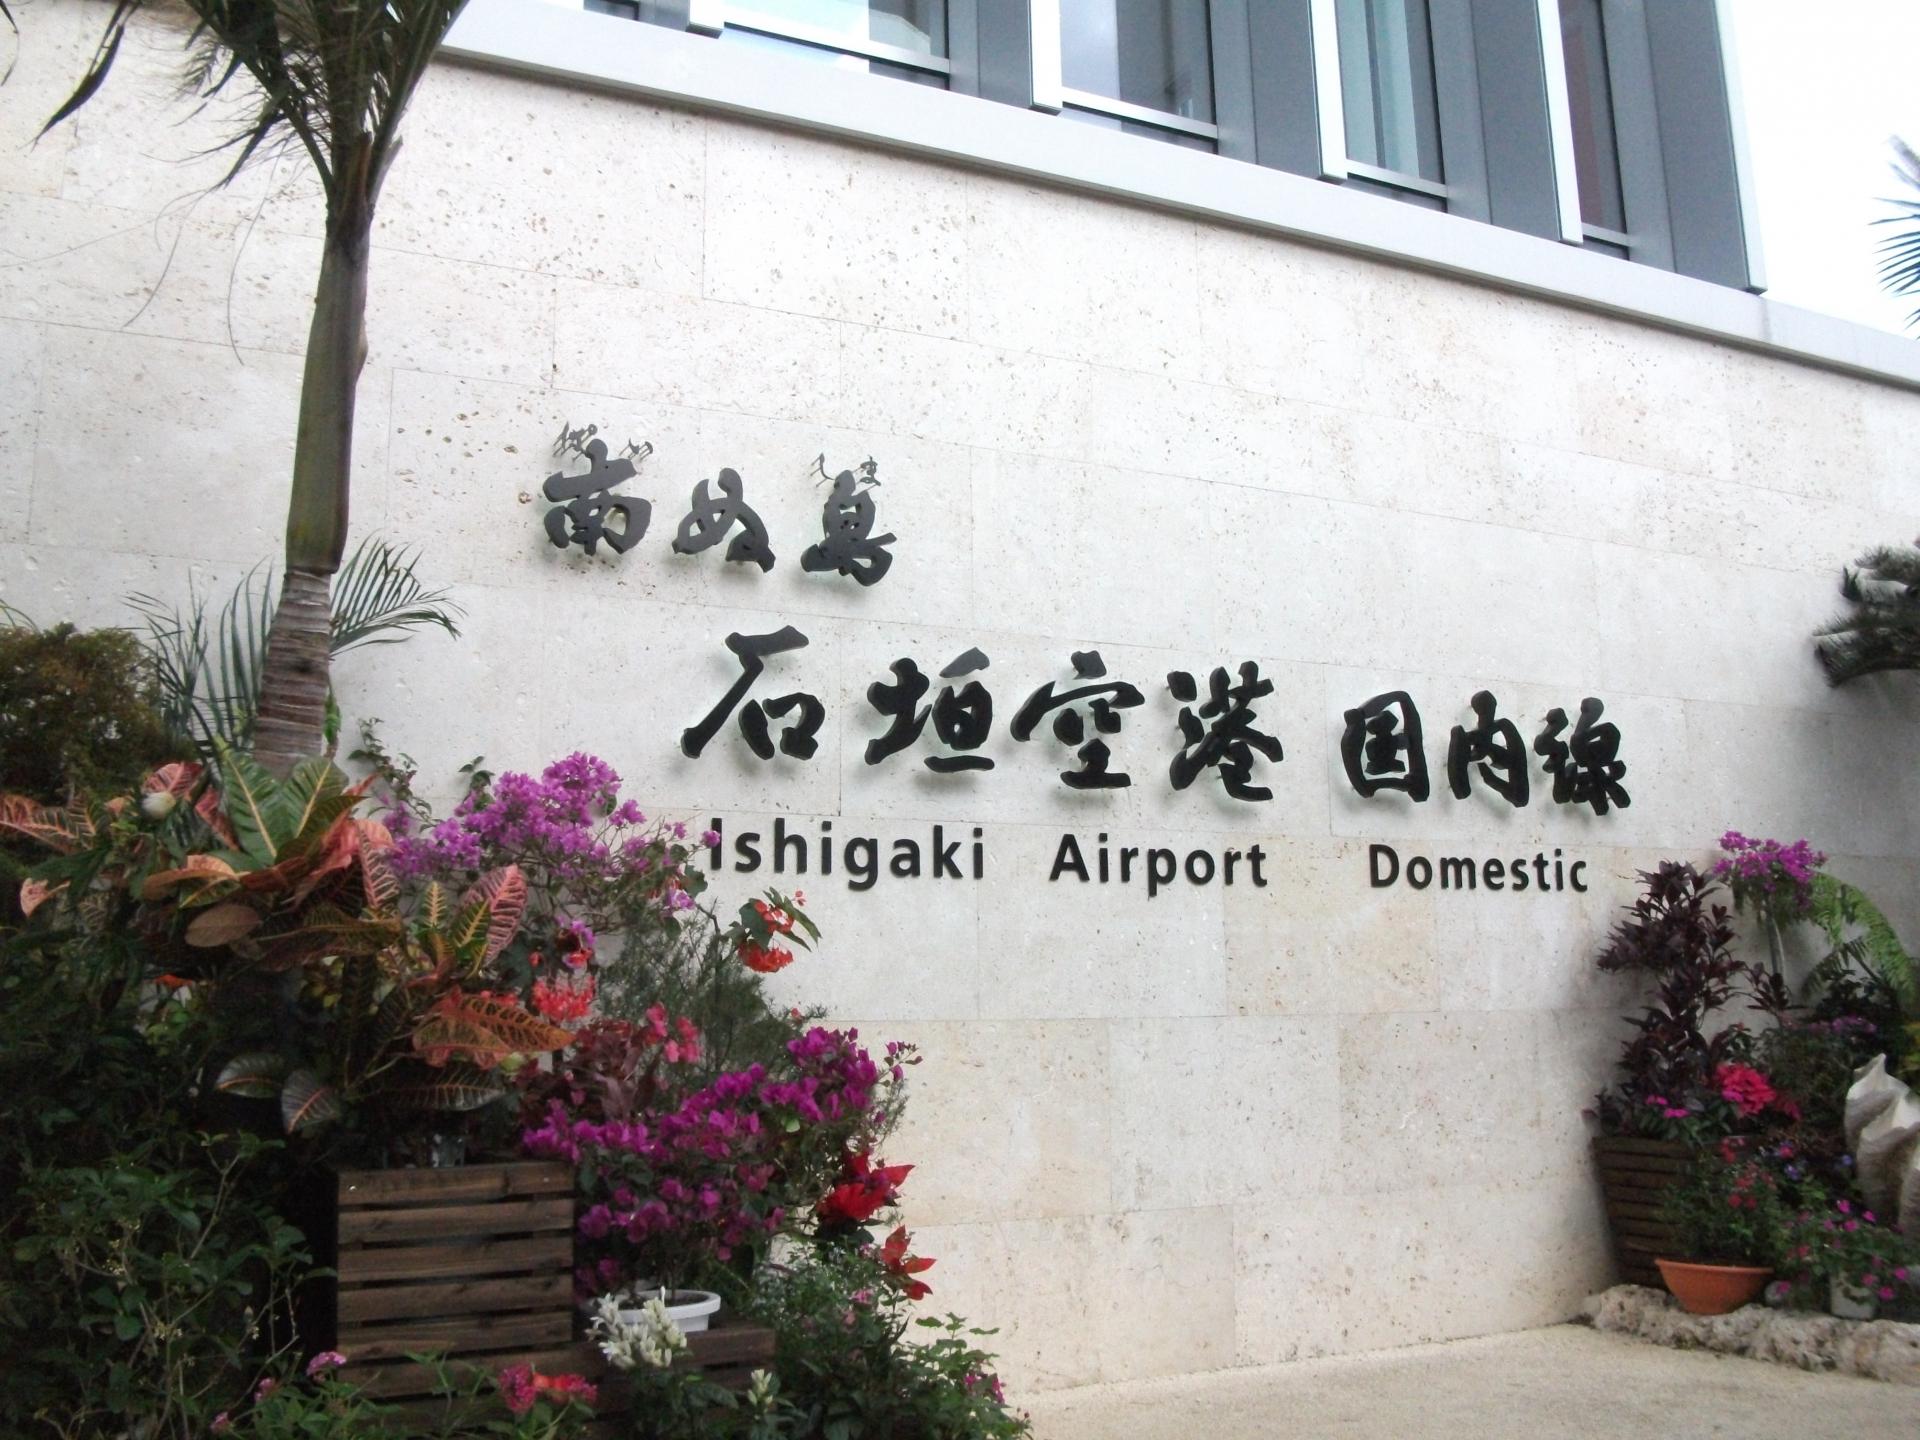 石垣空港から石垣港離島ターミナルへは直行バスがおすすめ!!